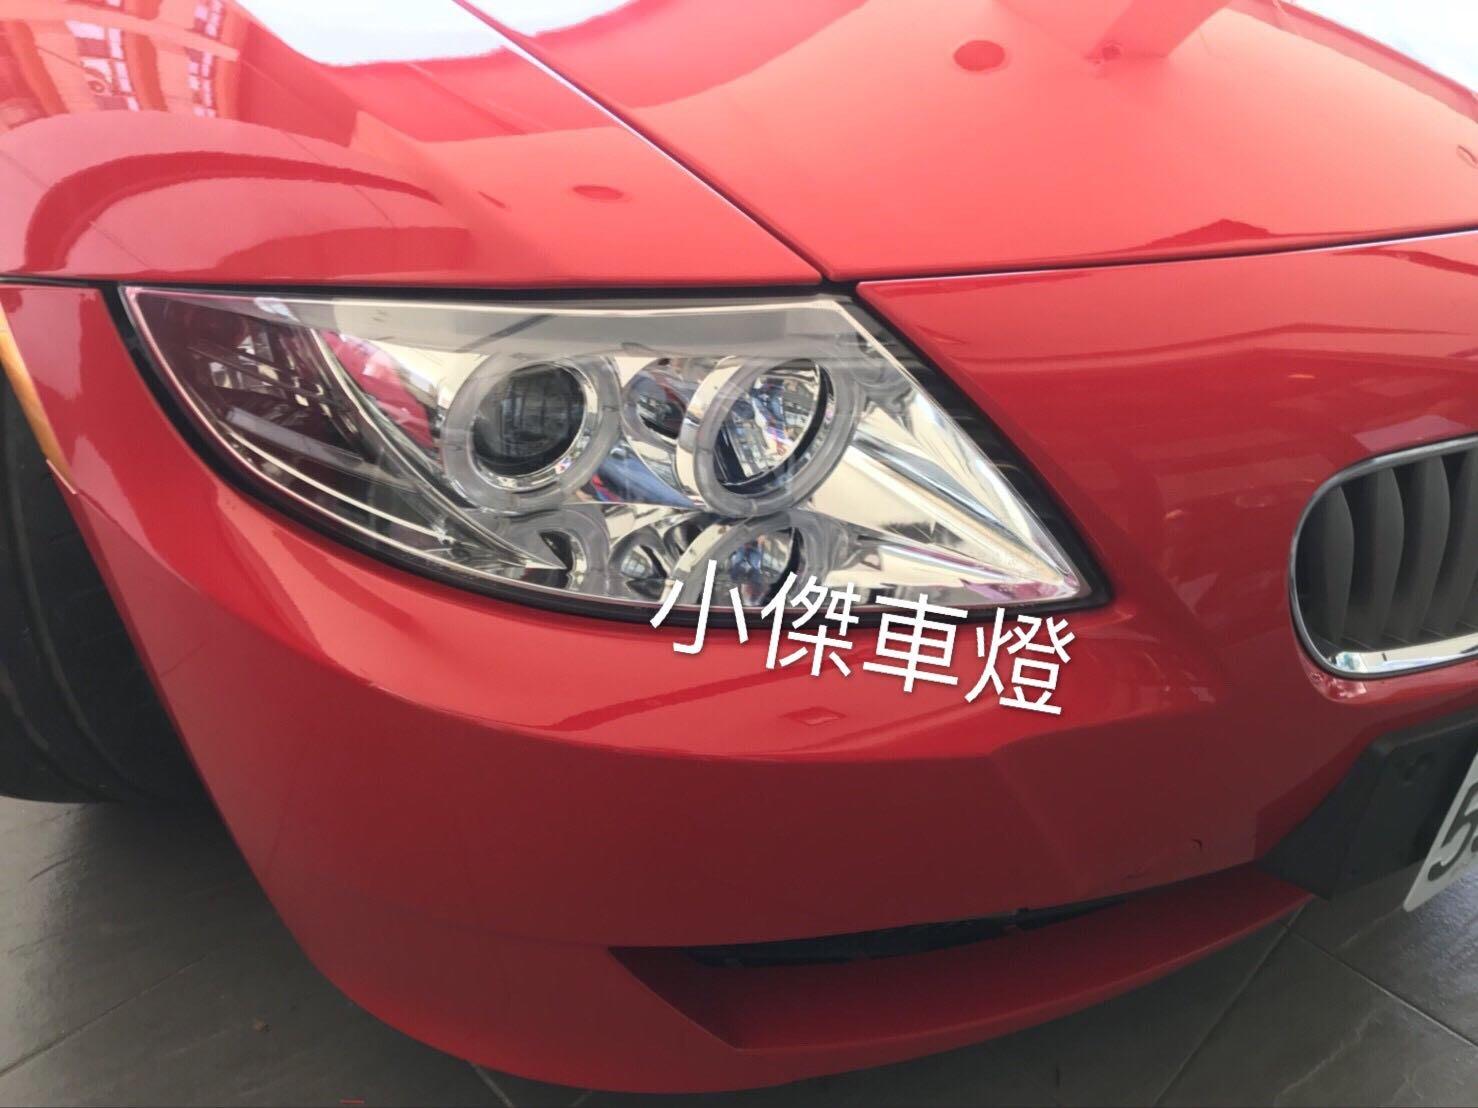 ☆小傑車燈家族☆實車安裝 全新高品質BMW Z4 寶馬Z4晶鑽光圈魚眼大燈(附水平馬達) z4大燈